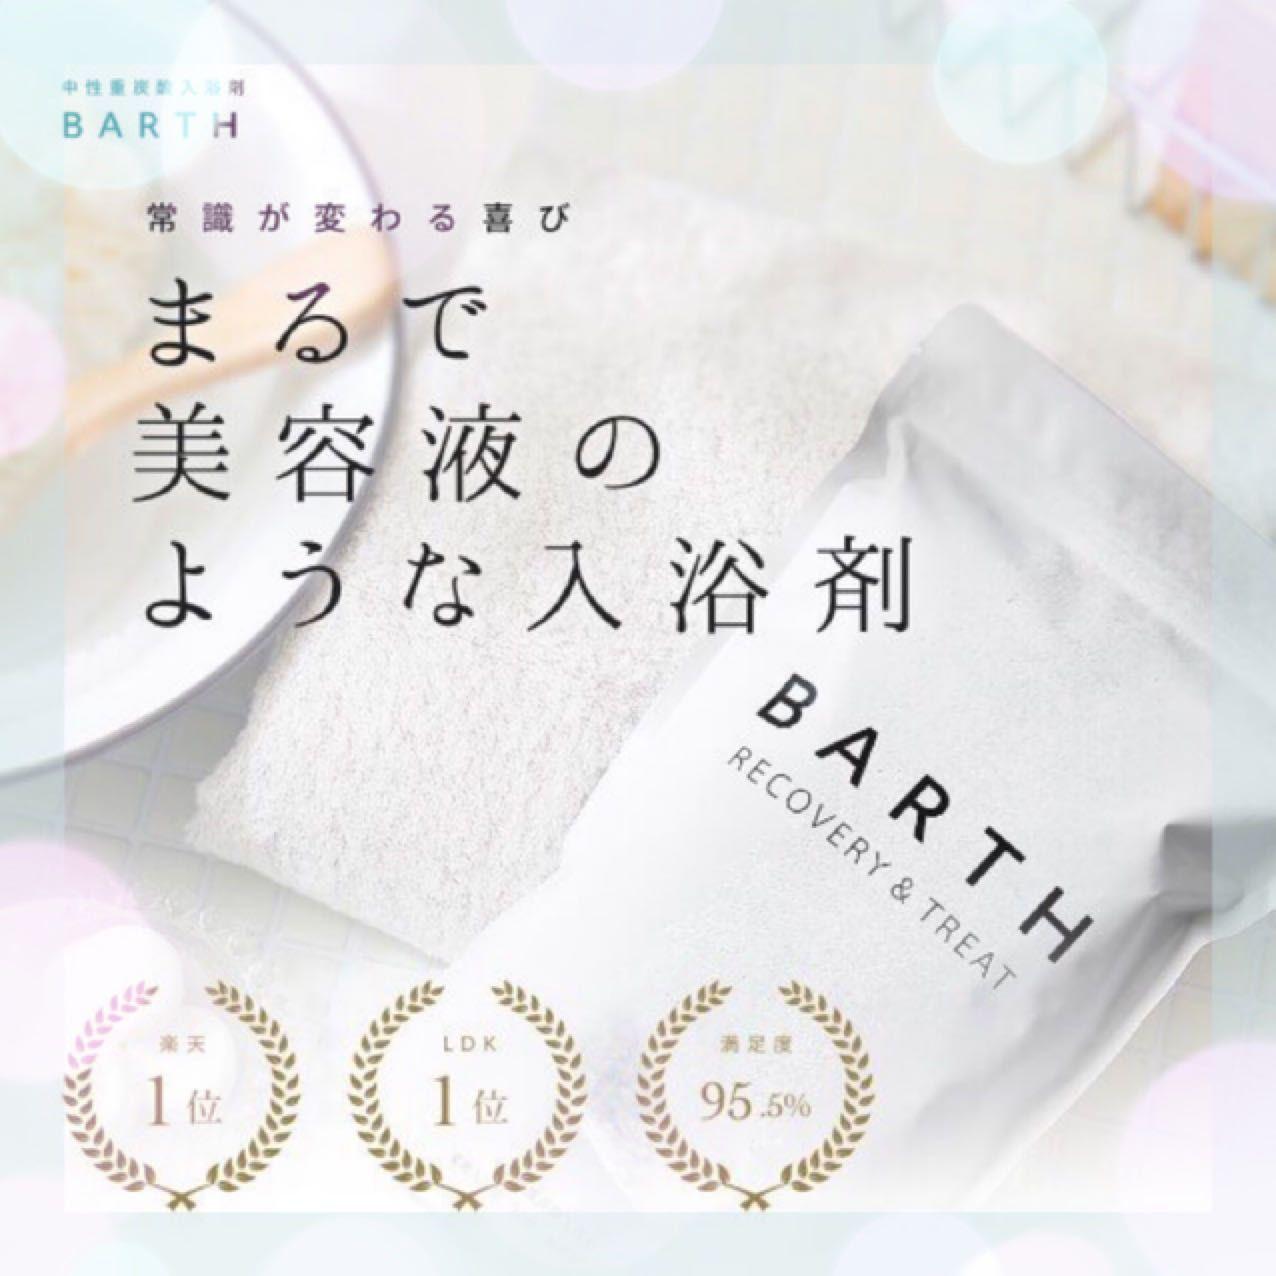 「【大注目】入浴剤から変える!秘密の重炭酸」の写真